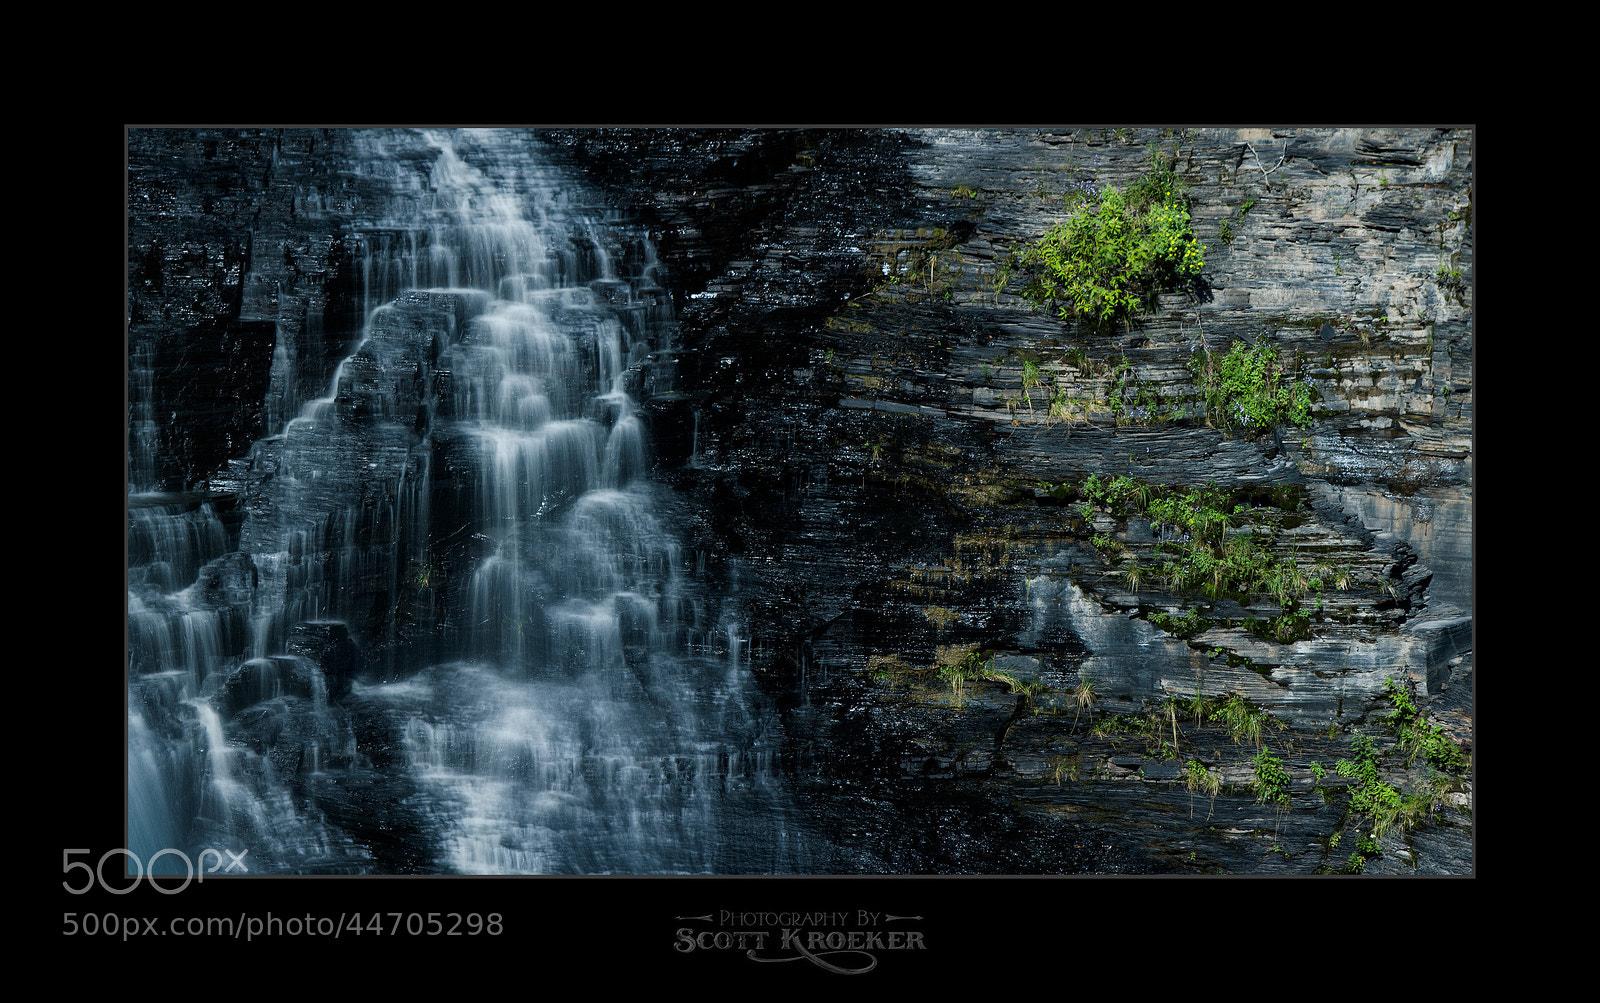 Photograph Yin-Yang by Scott Kroeker on 500px